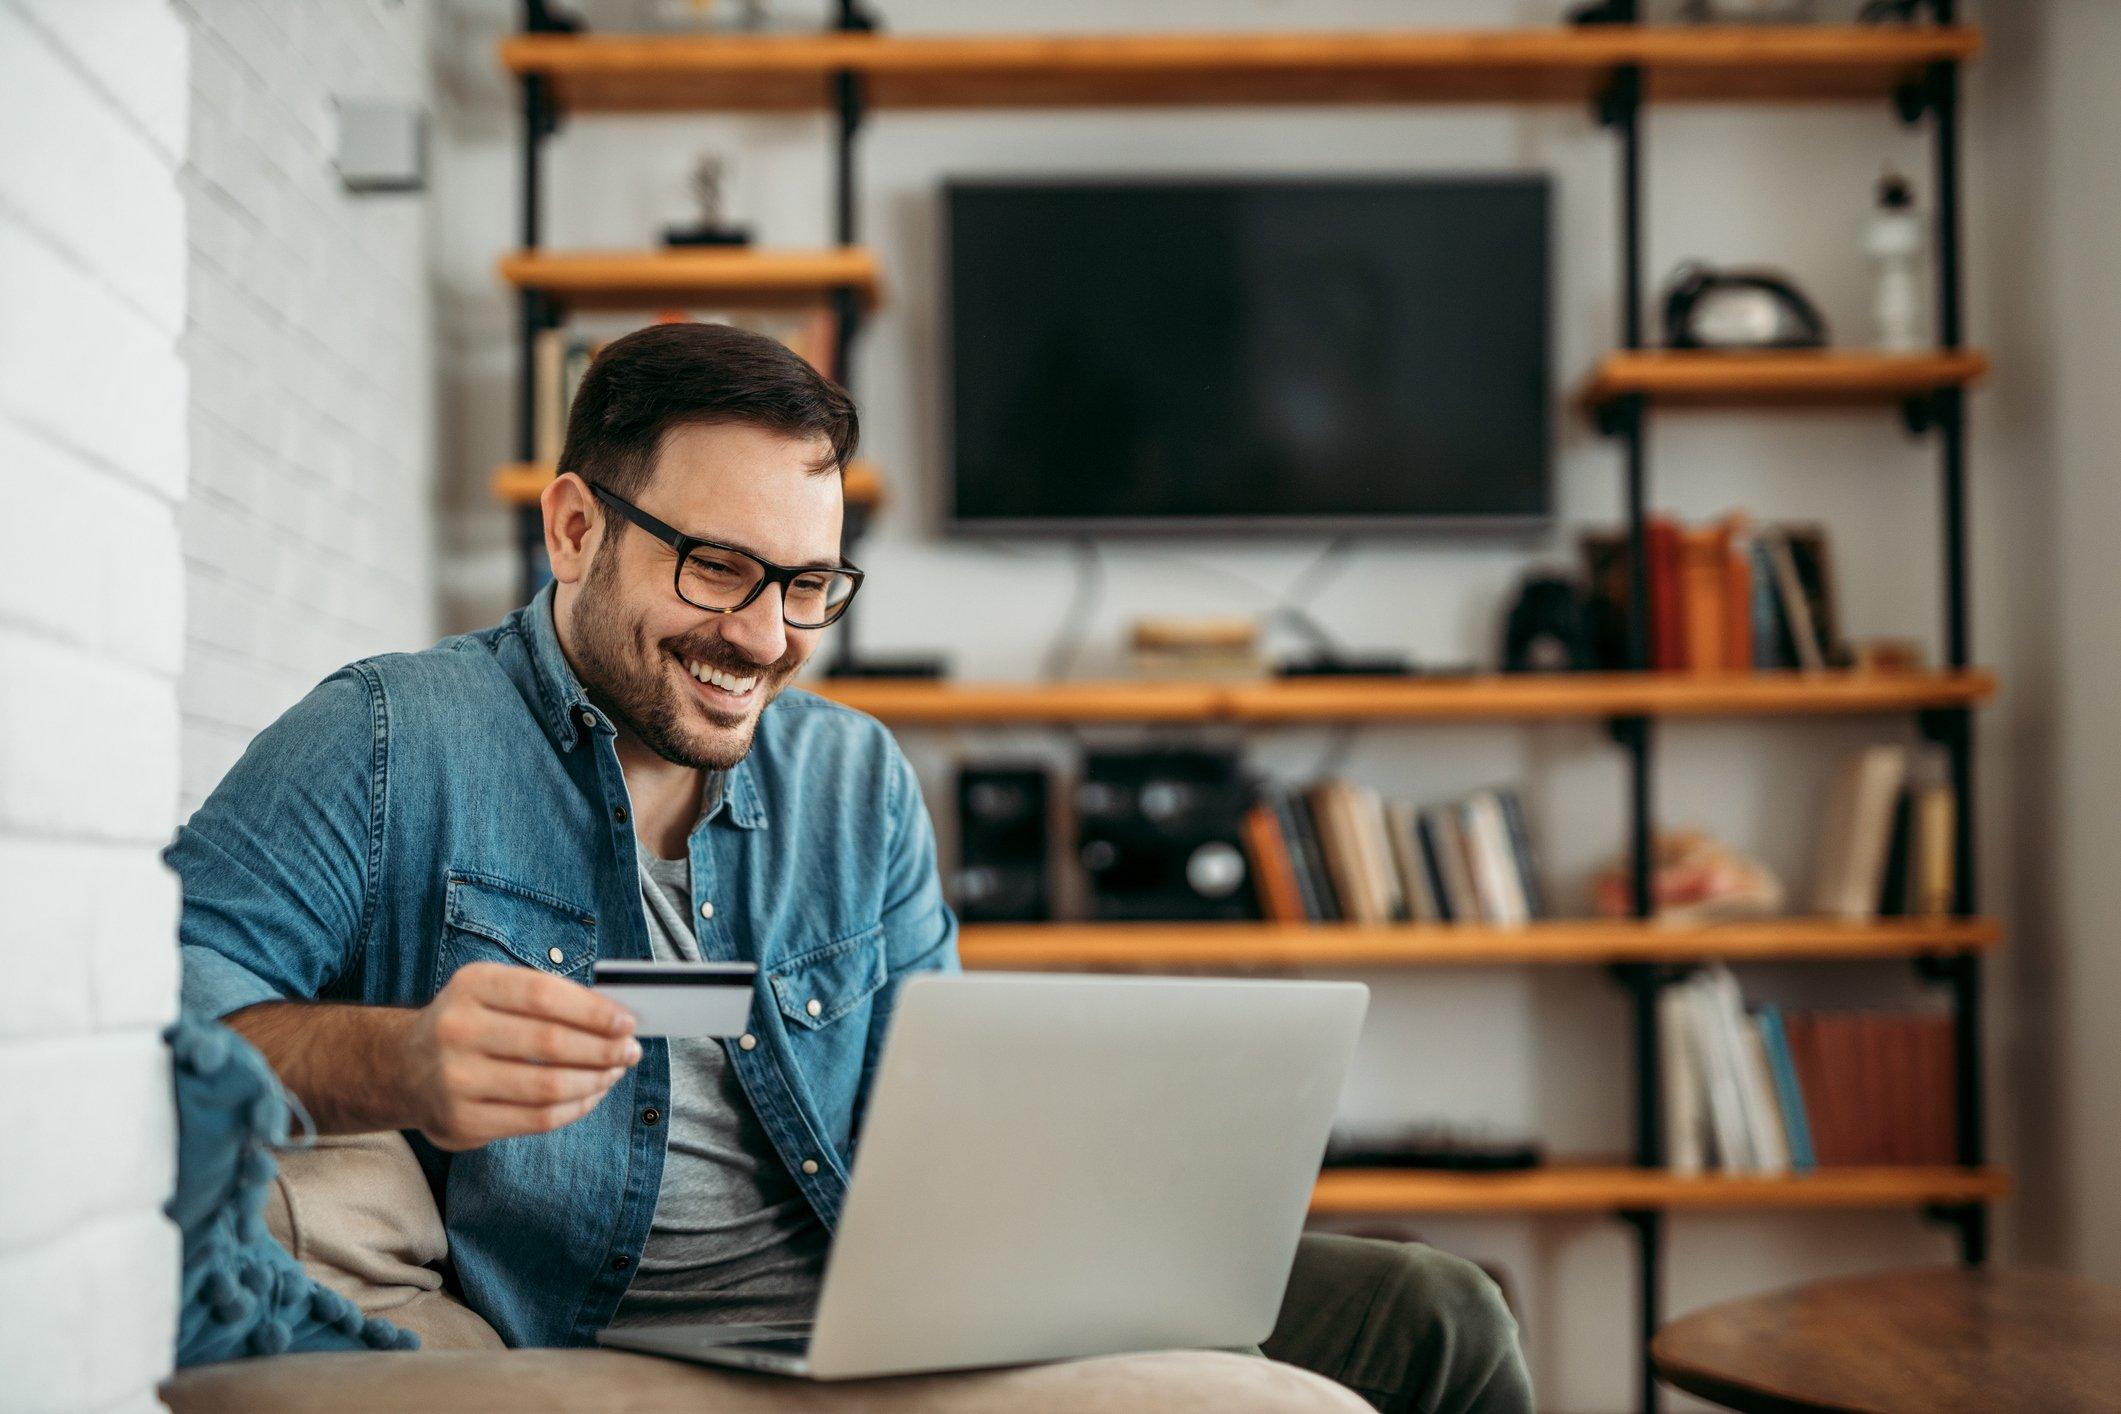 Man paying utility bills on laptop using his debit card